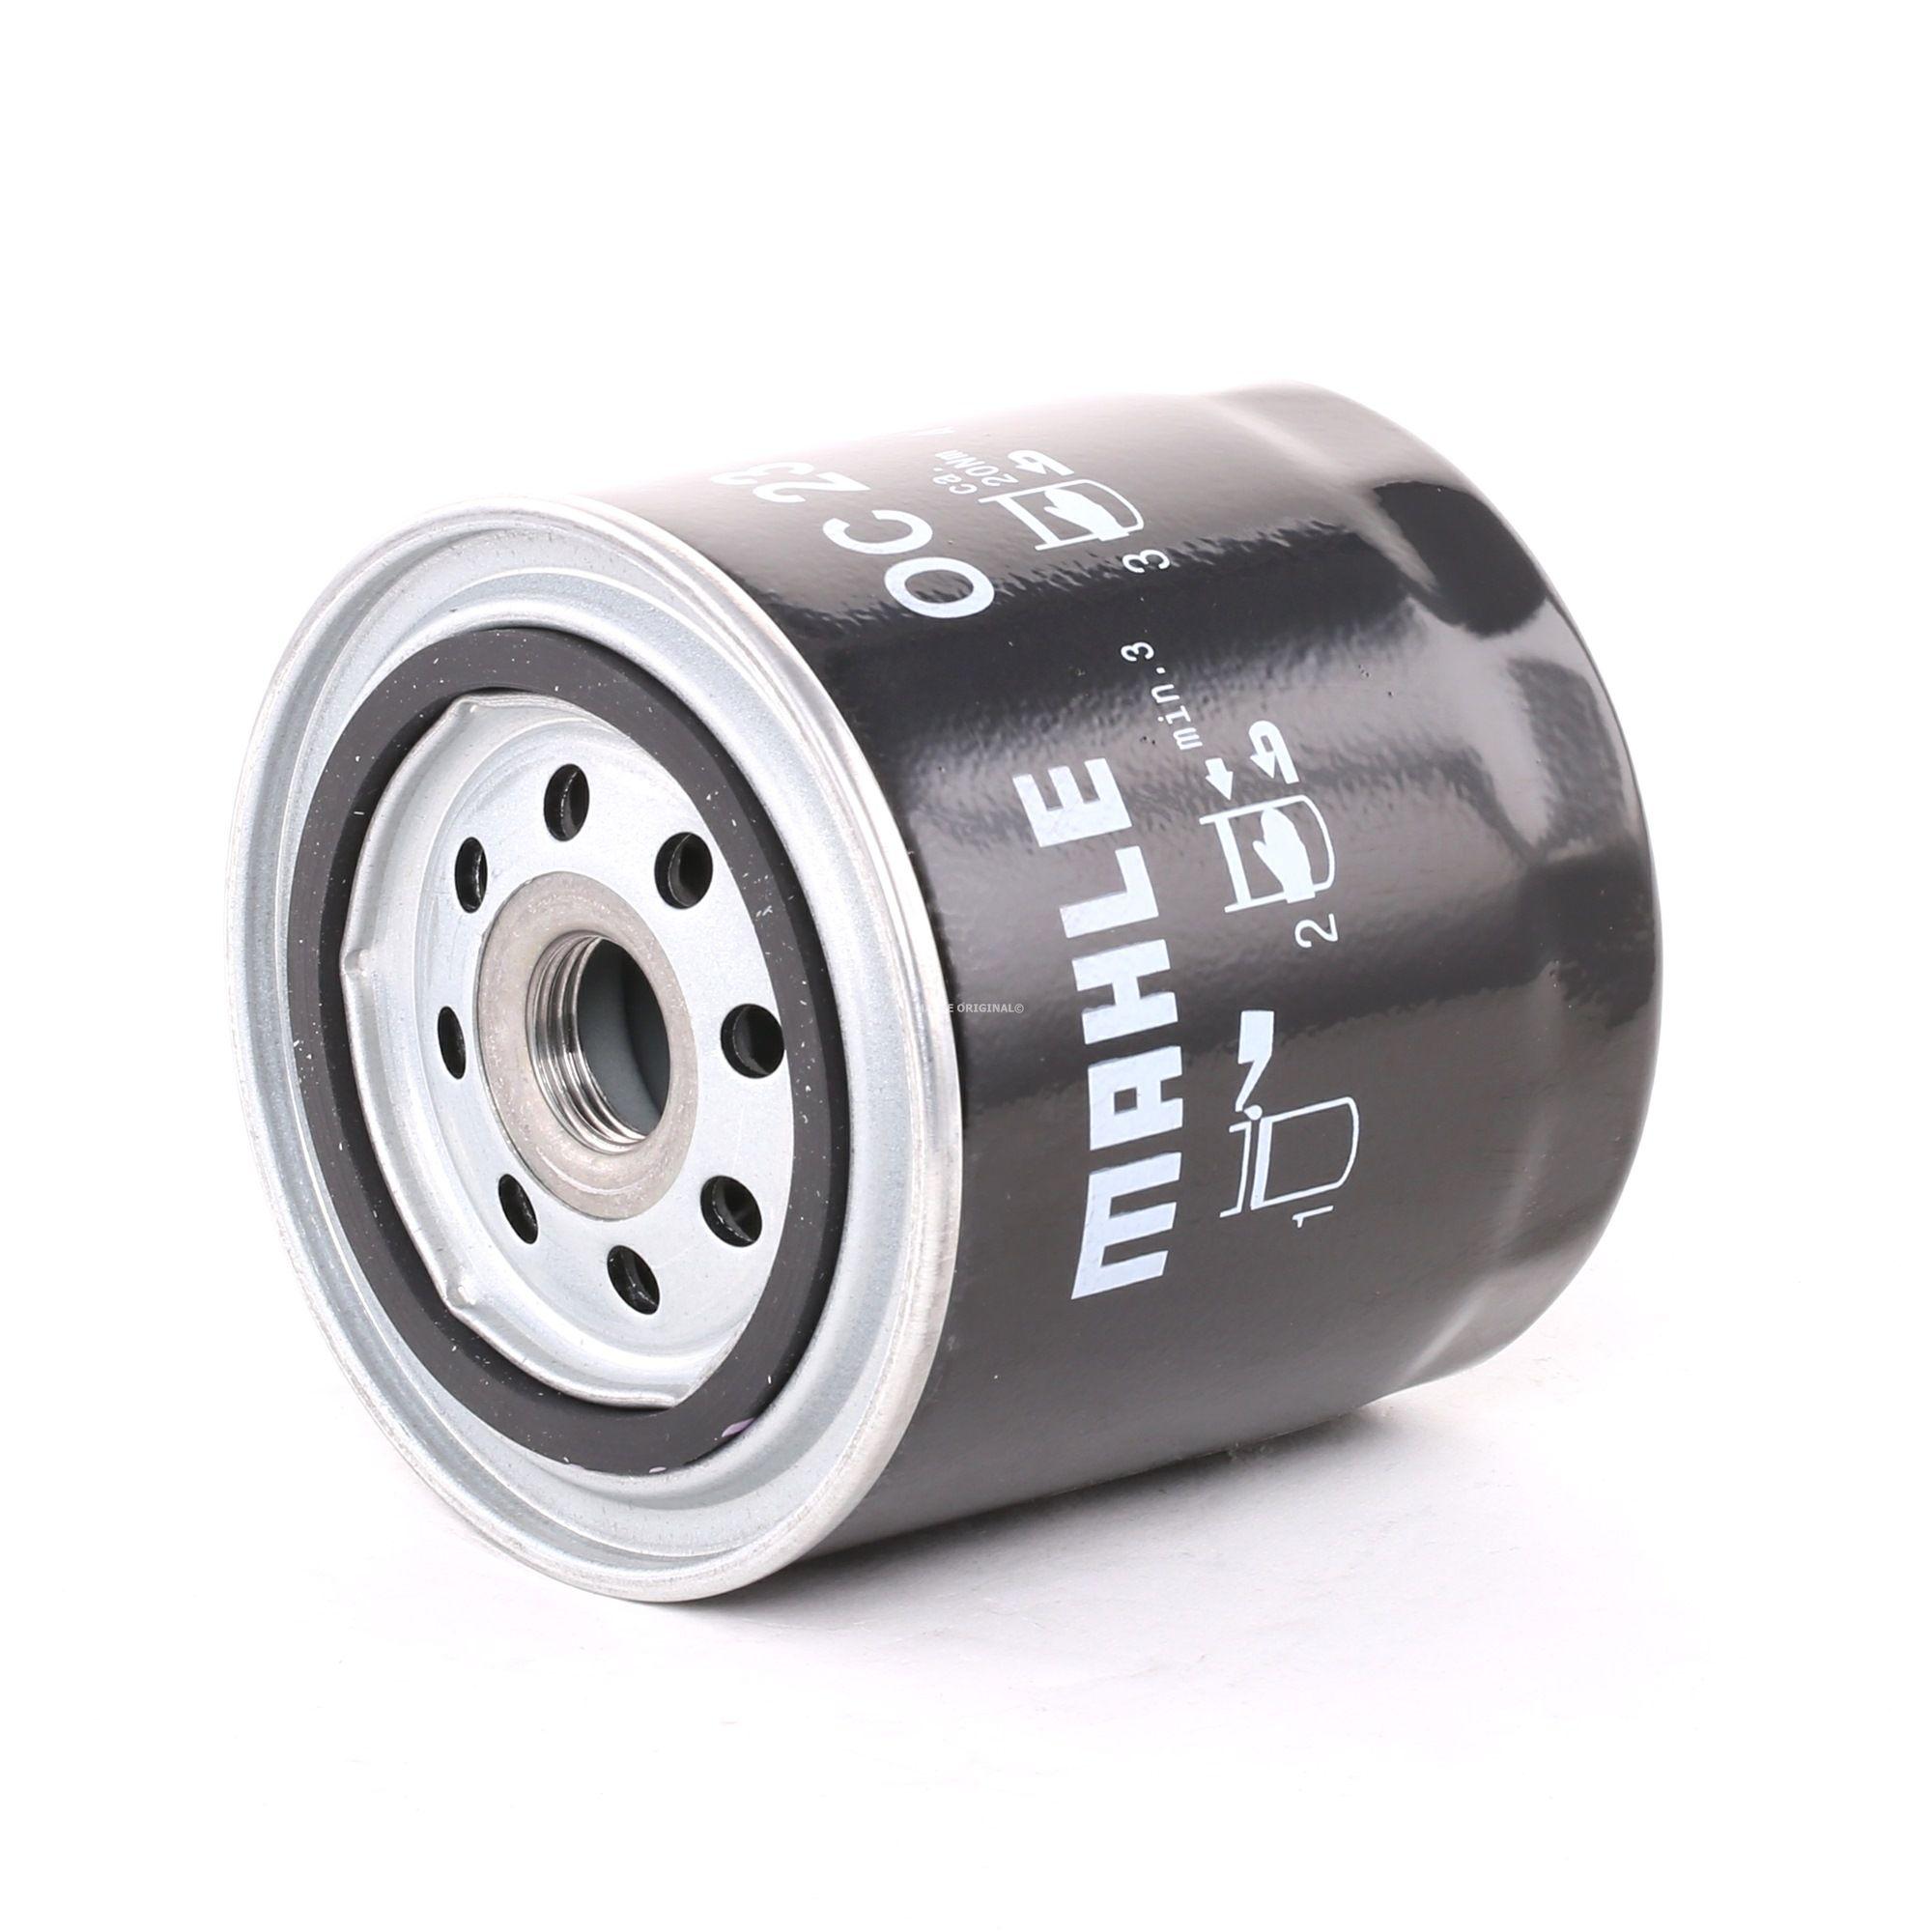 MAHLE ORIGINAL: Original Ölfilter OC 23 (Innendurchmesser 2: 62mm, Innendurchmesser 2: 62mm, Ø: 93,2mm, Außendurchmesser 2: 72mm, Ø: 93,2mm, Höhe: 96mm)